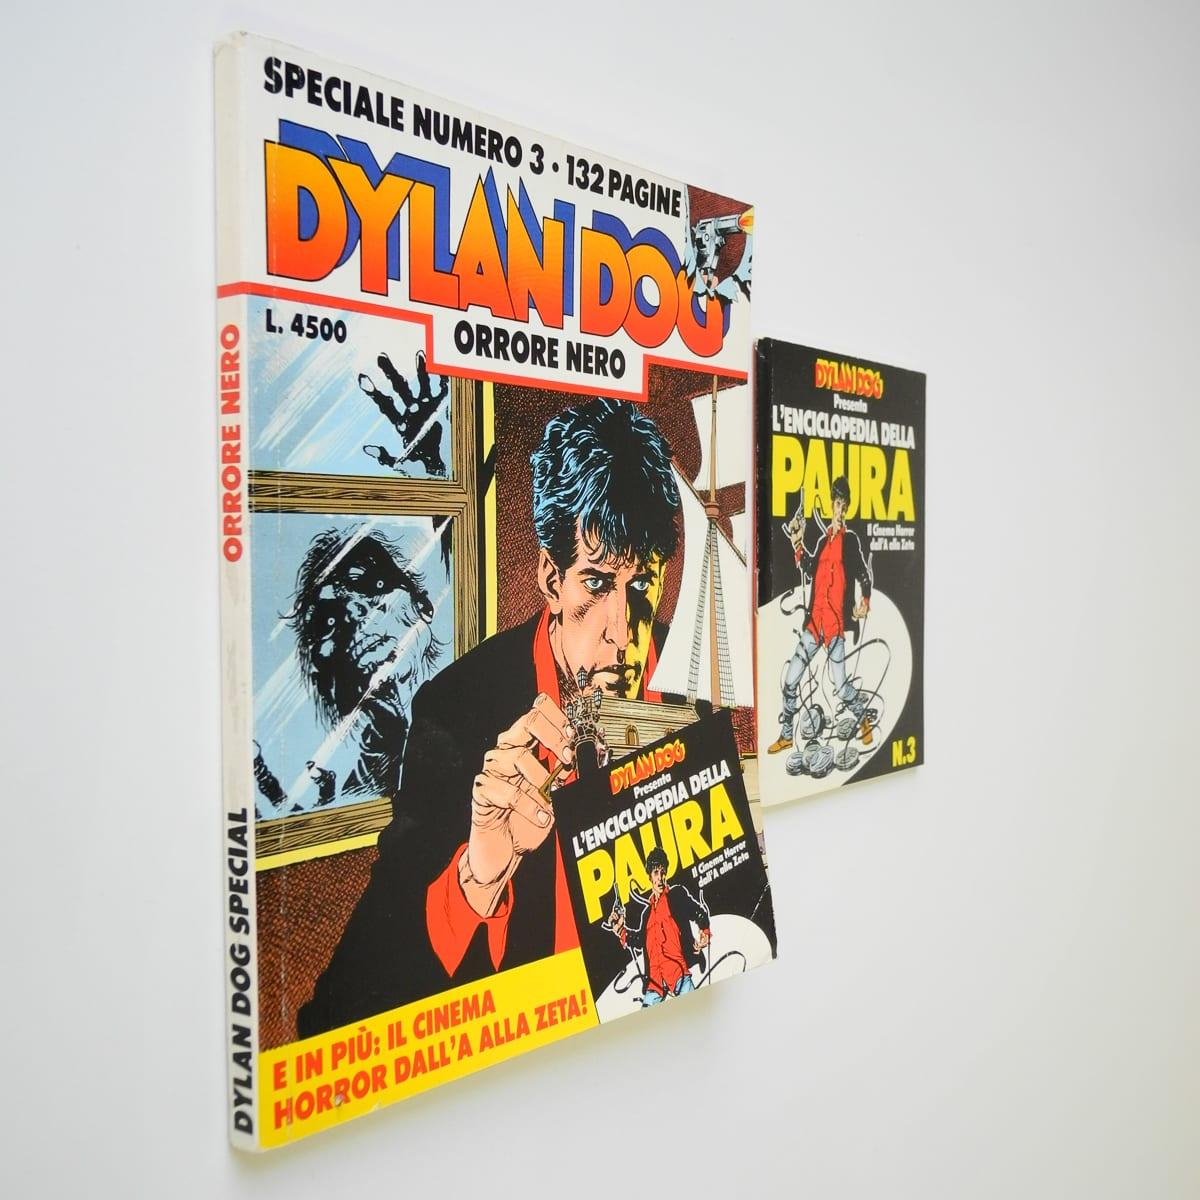 Dylan Dog speciale n. 3 con albetto Bonelli